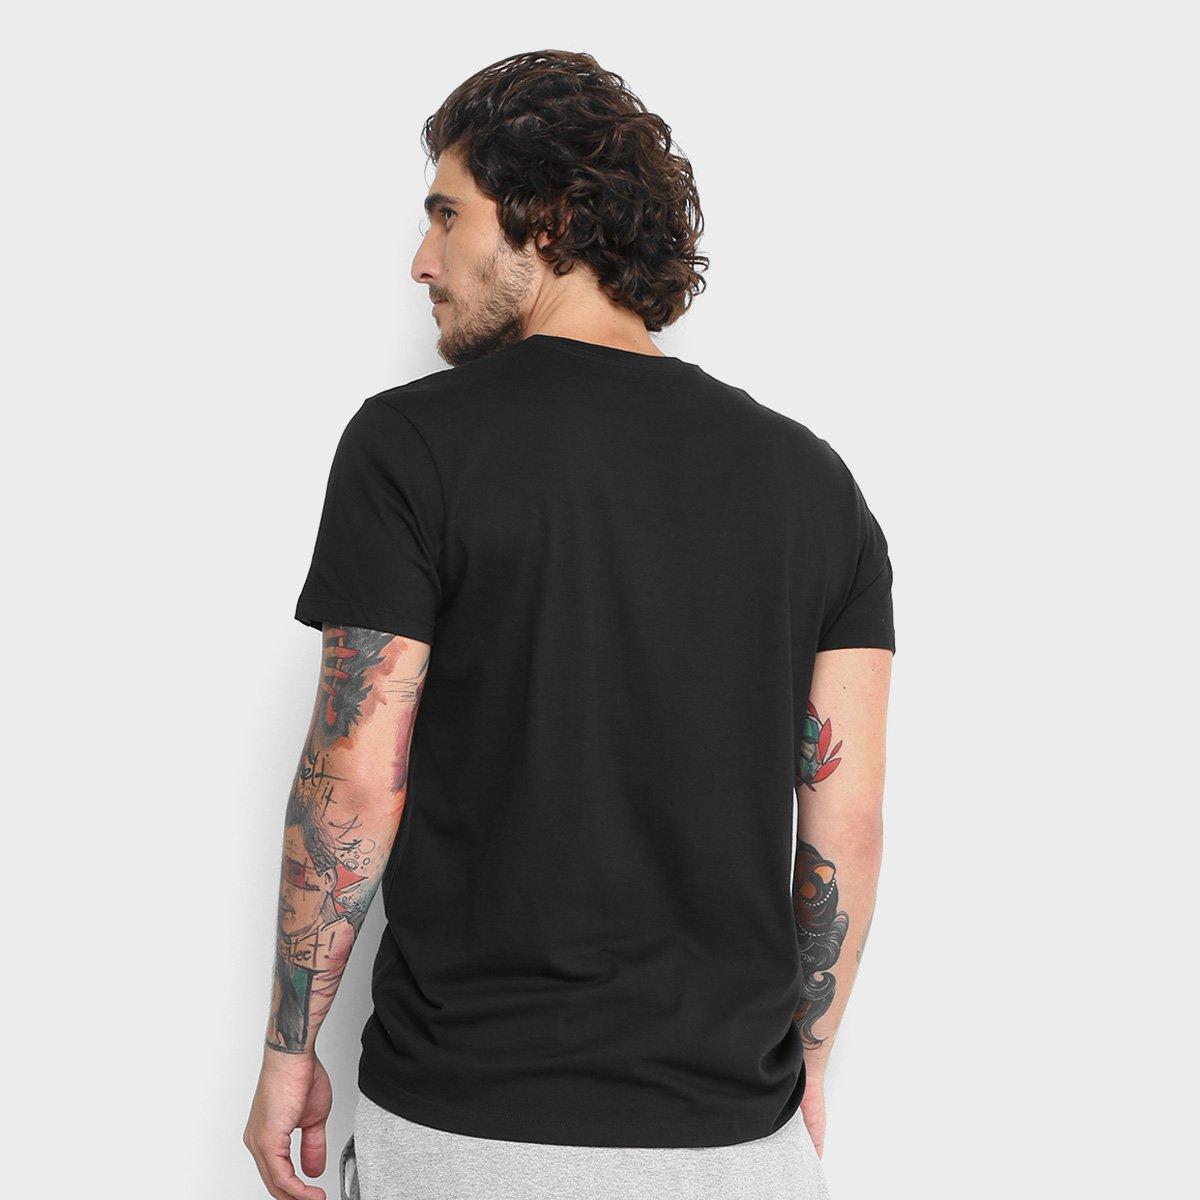 Camiseta Oakley Established Masculina  Camiseta Oakley Established  Masculina ... 11e5092859e